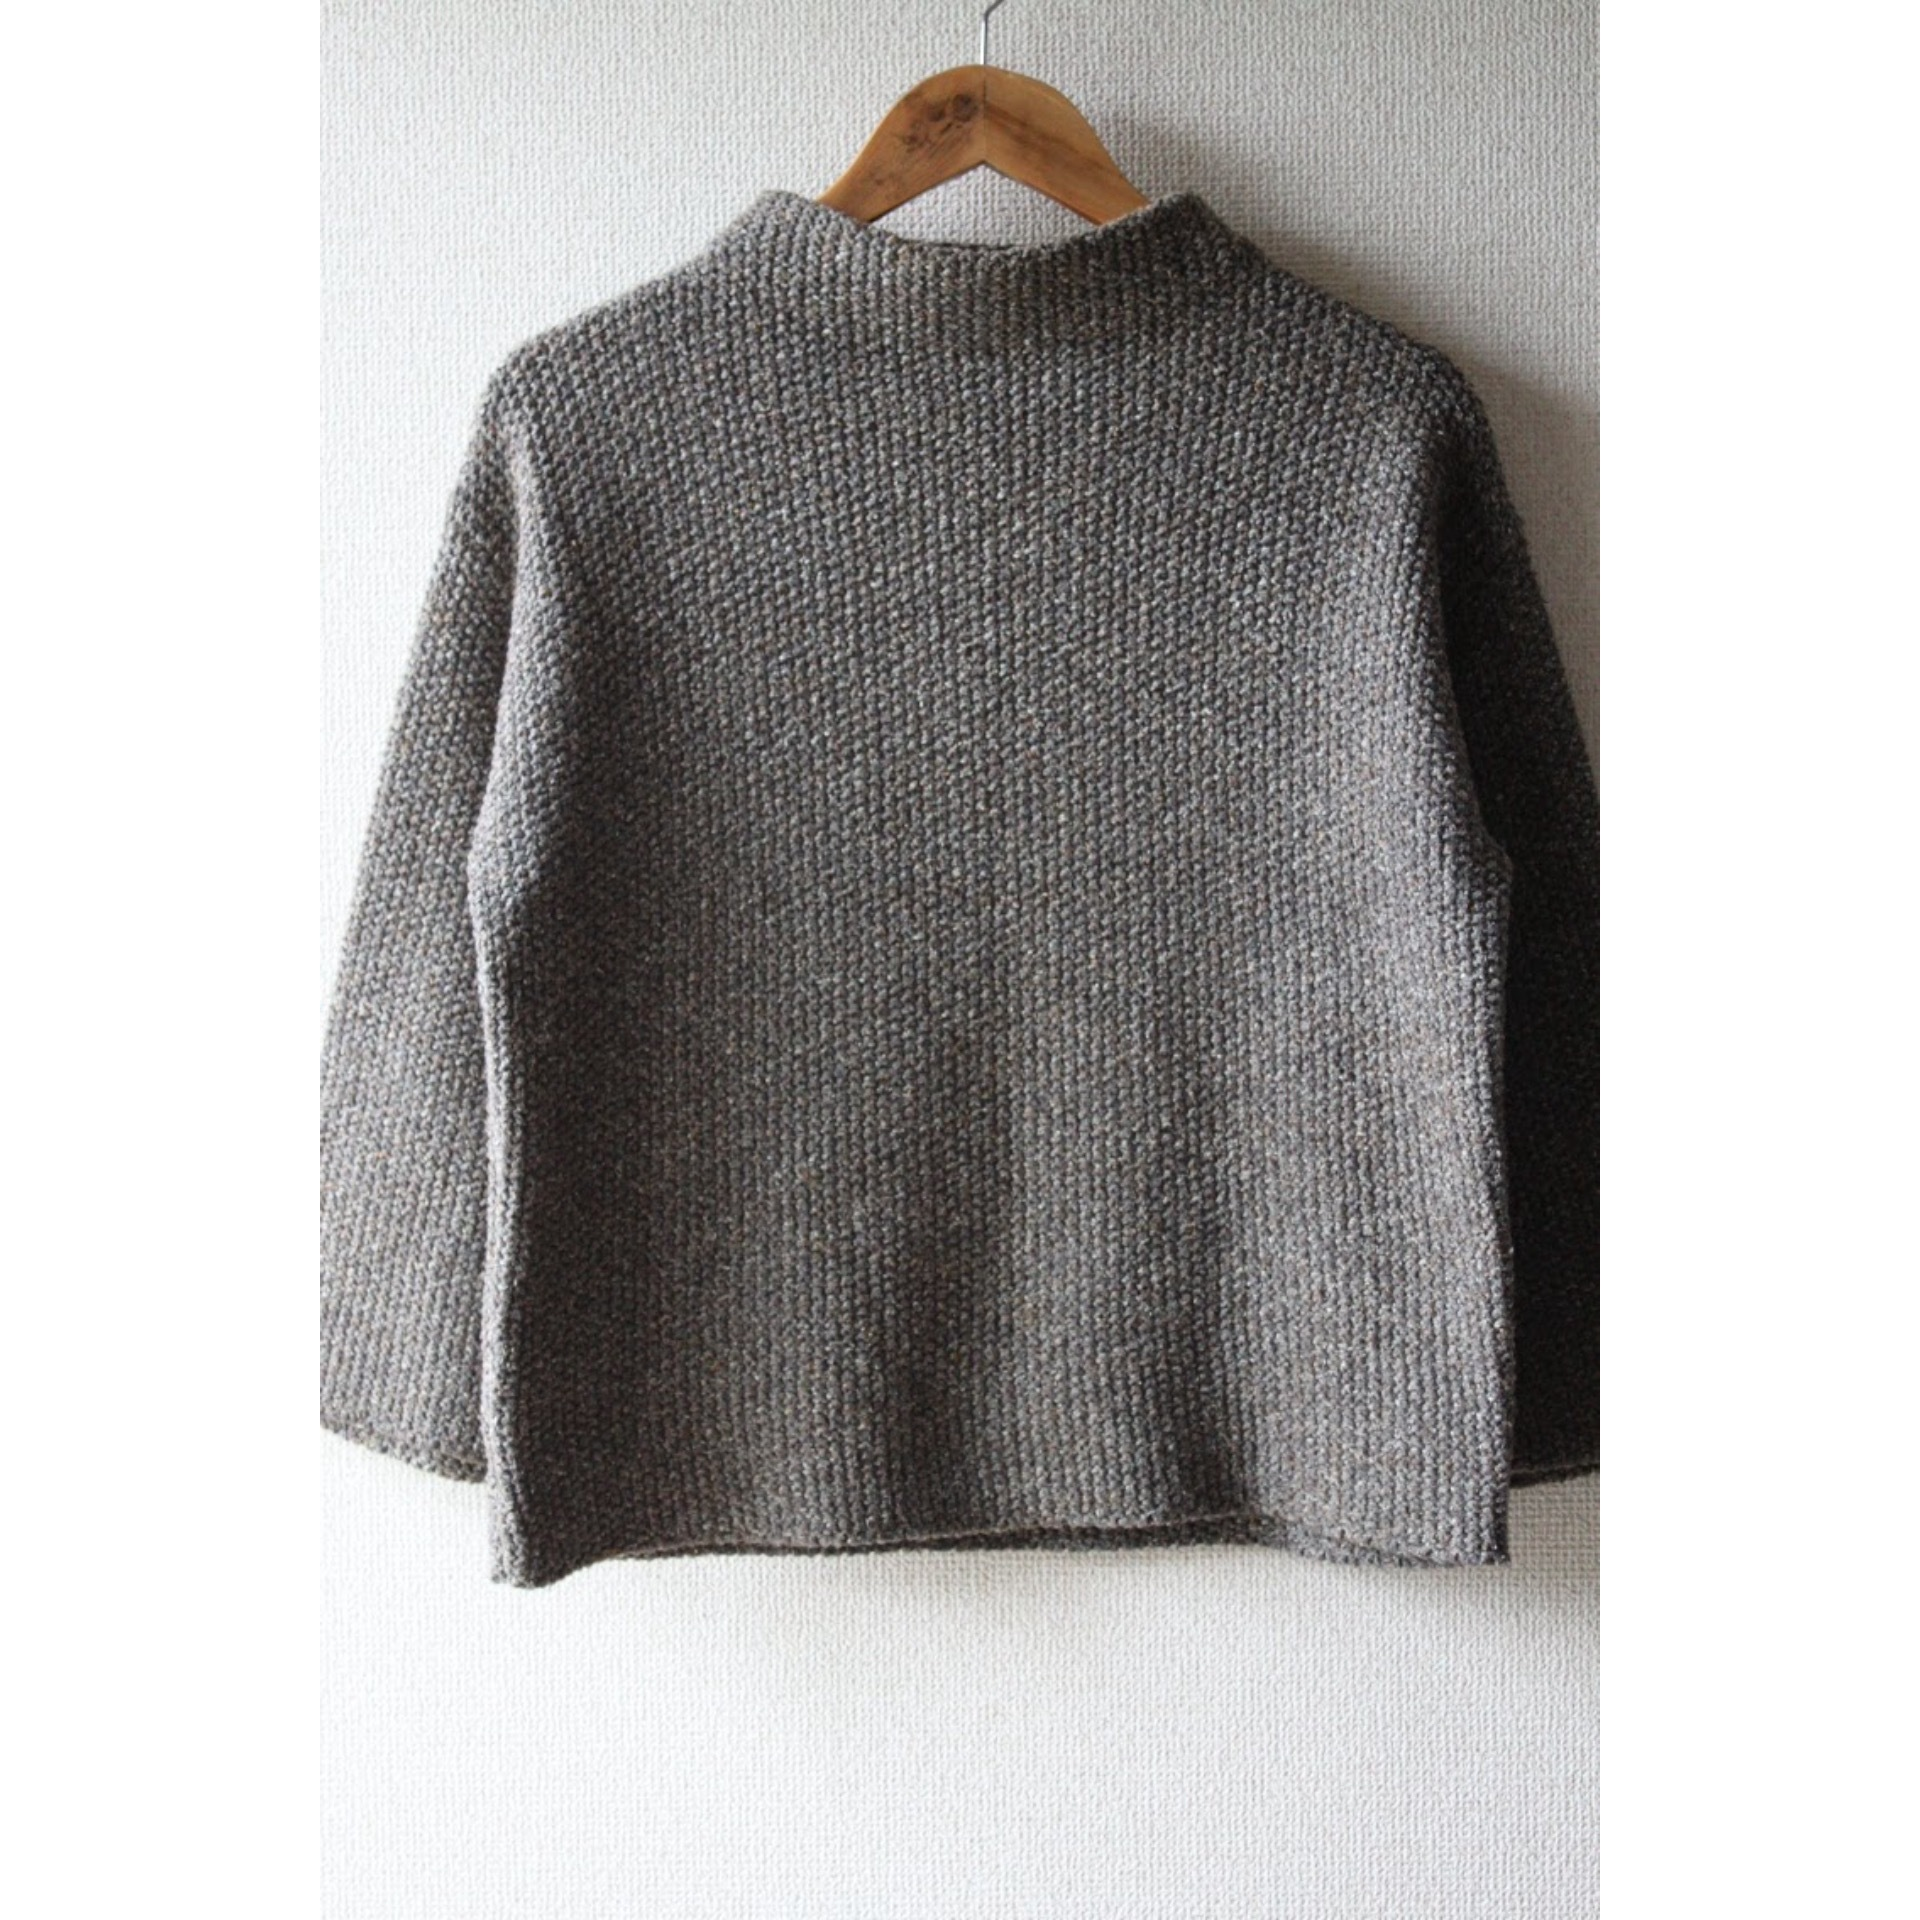 Vintage hi neck knit